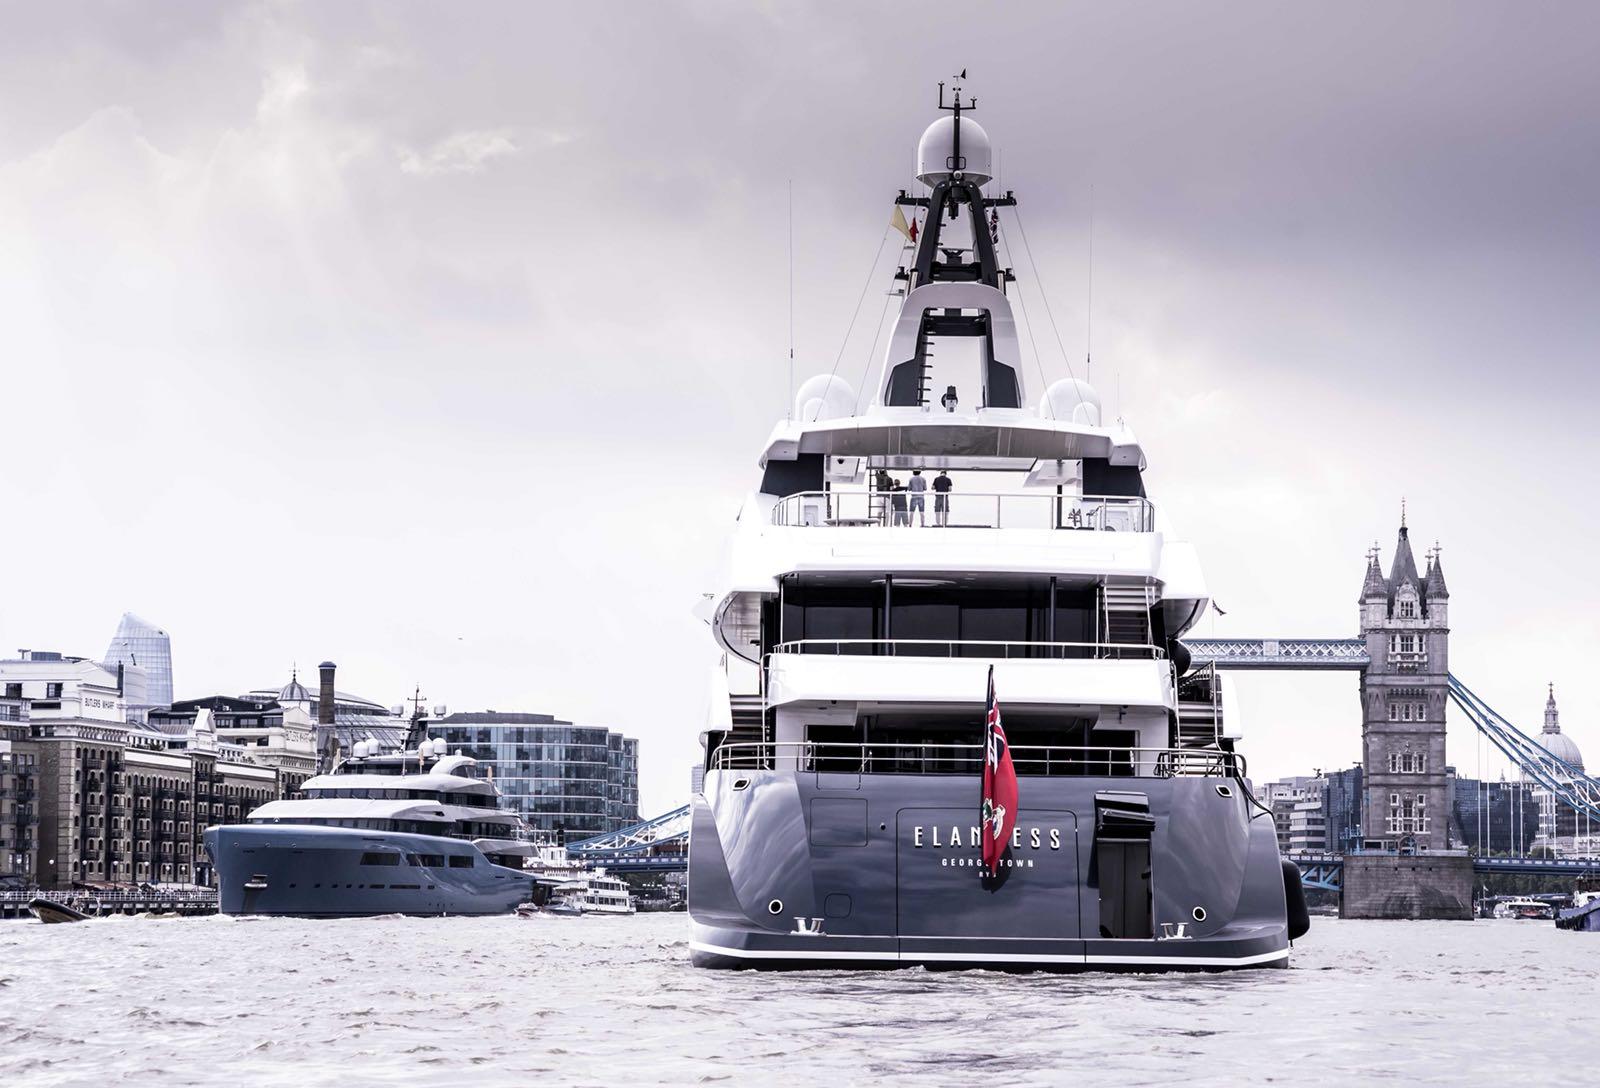 98-метровая Aviva и 74-метровая Elandess на Темзе и другие новости